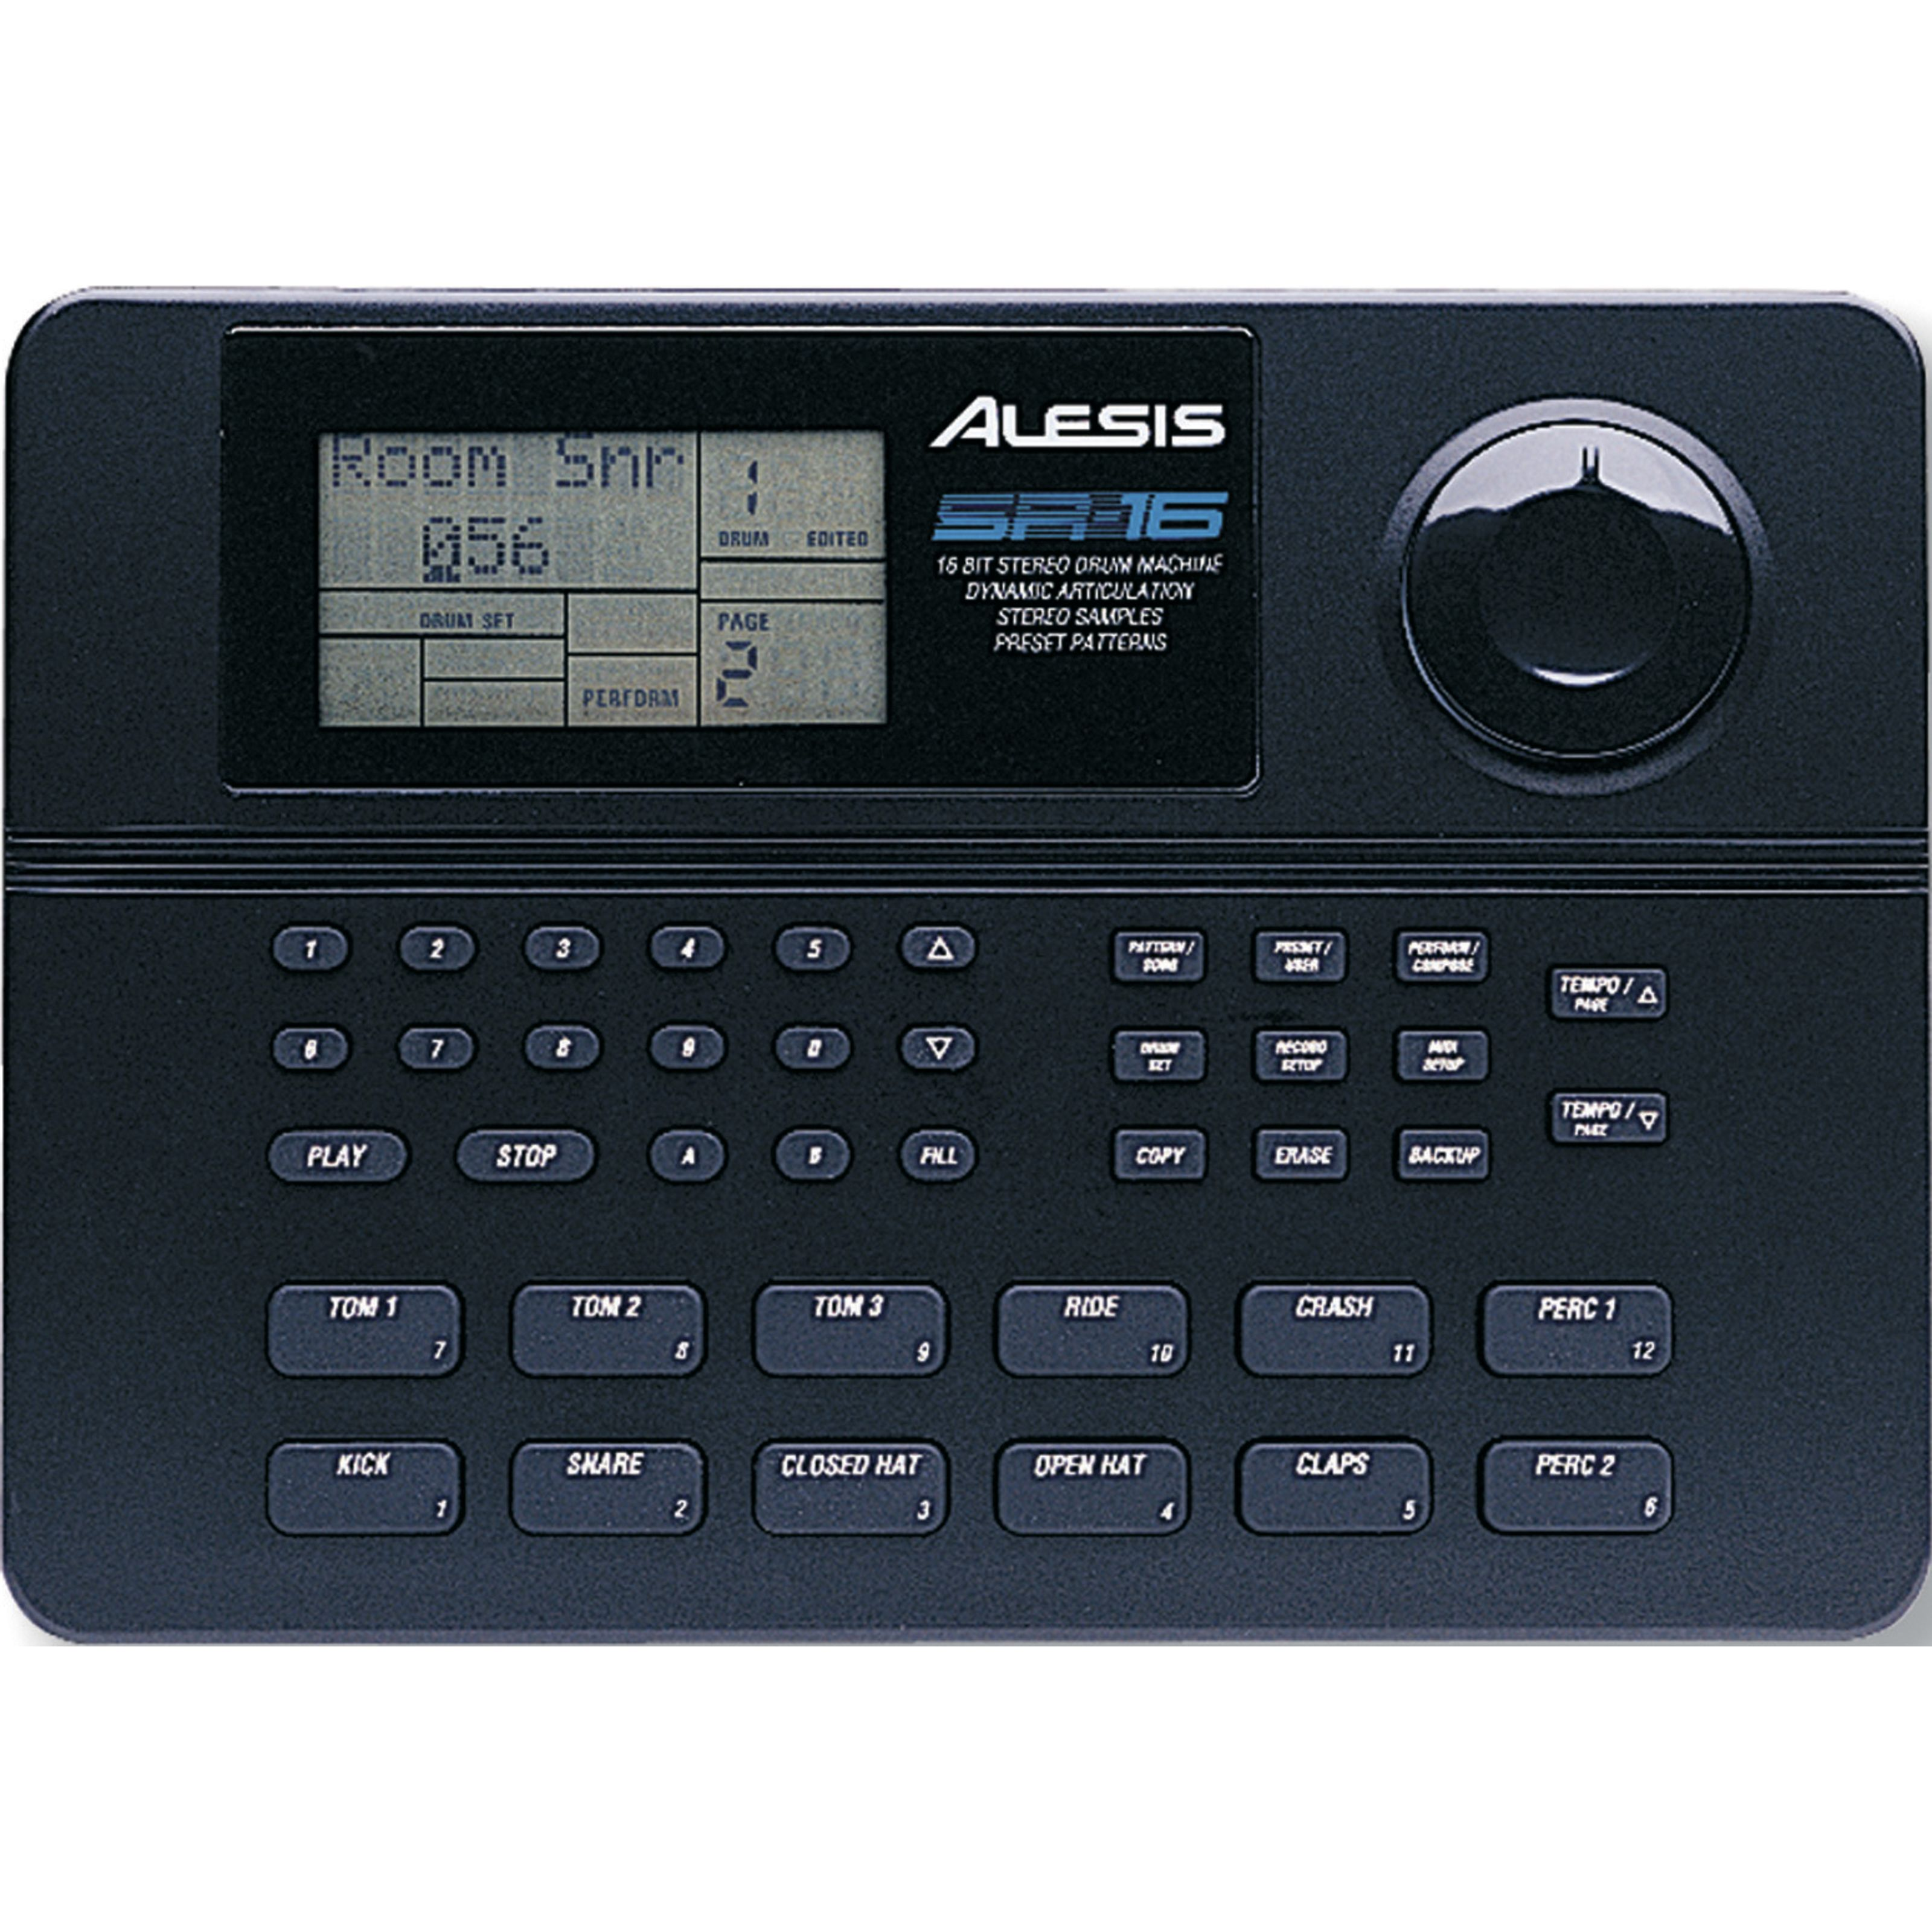 Alesis - SR-16 Drumcomputer 10100